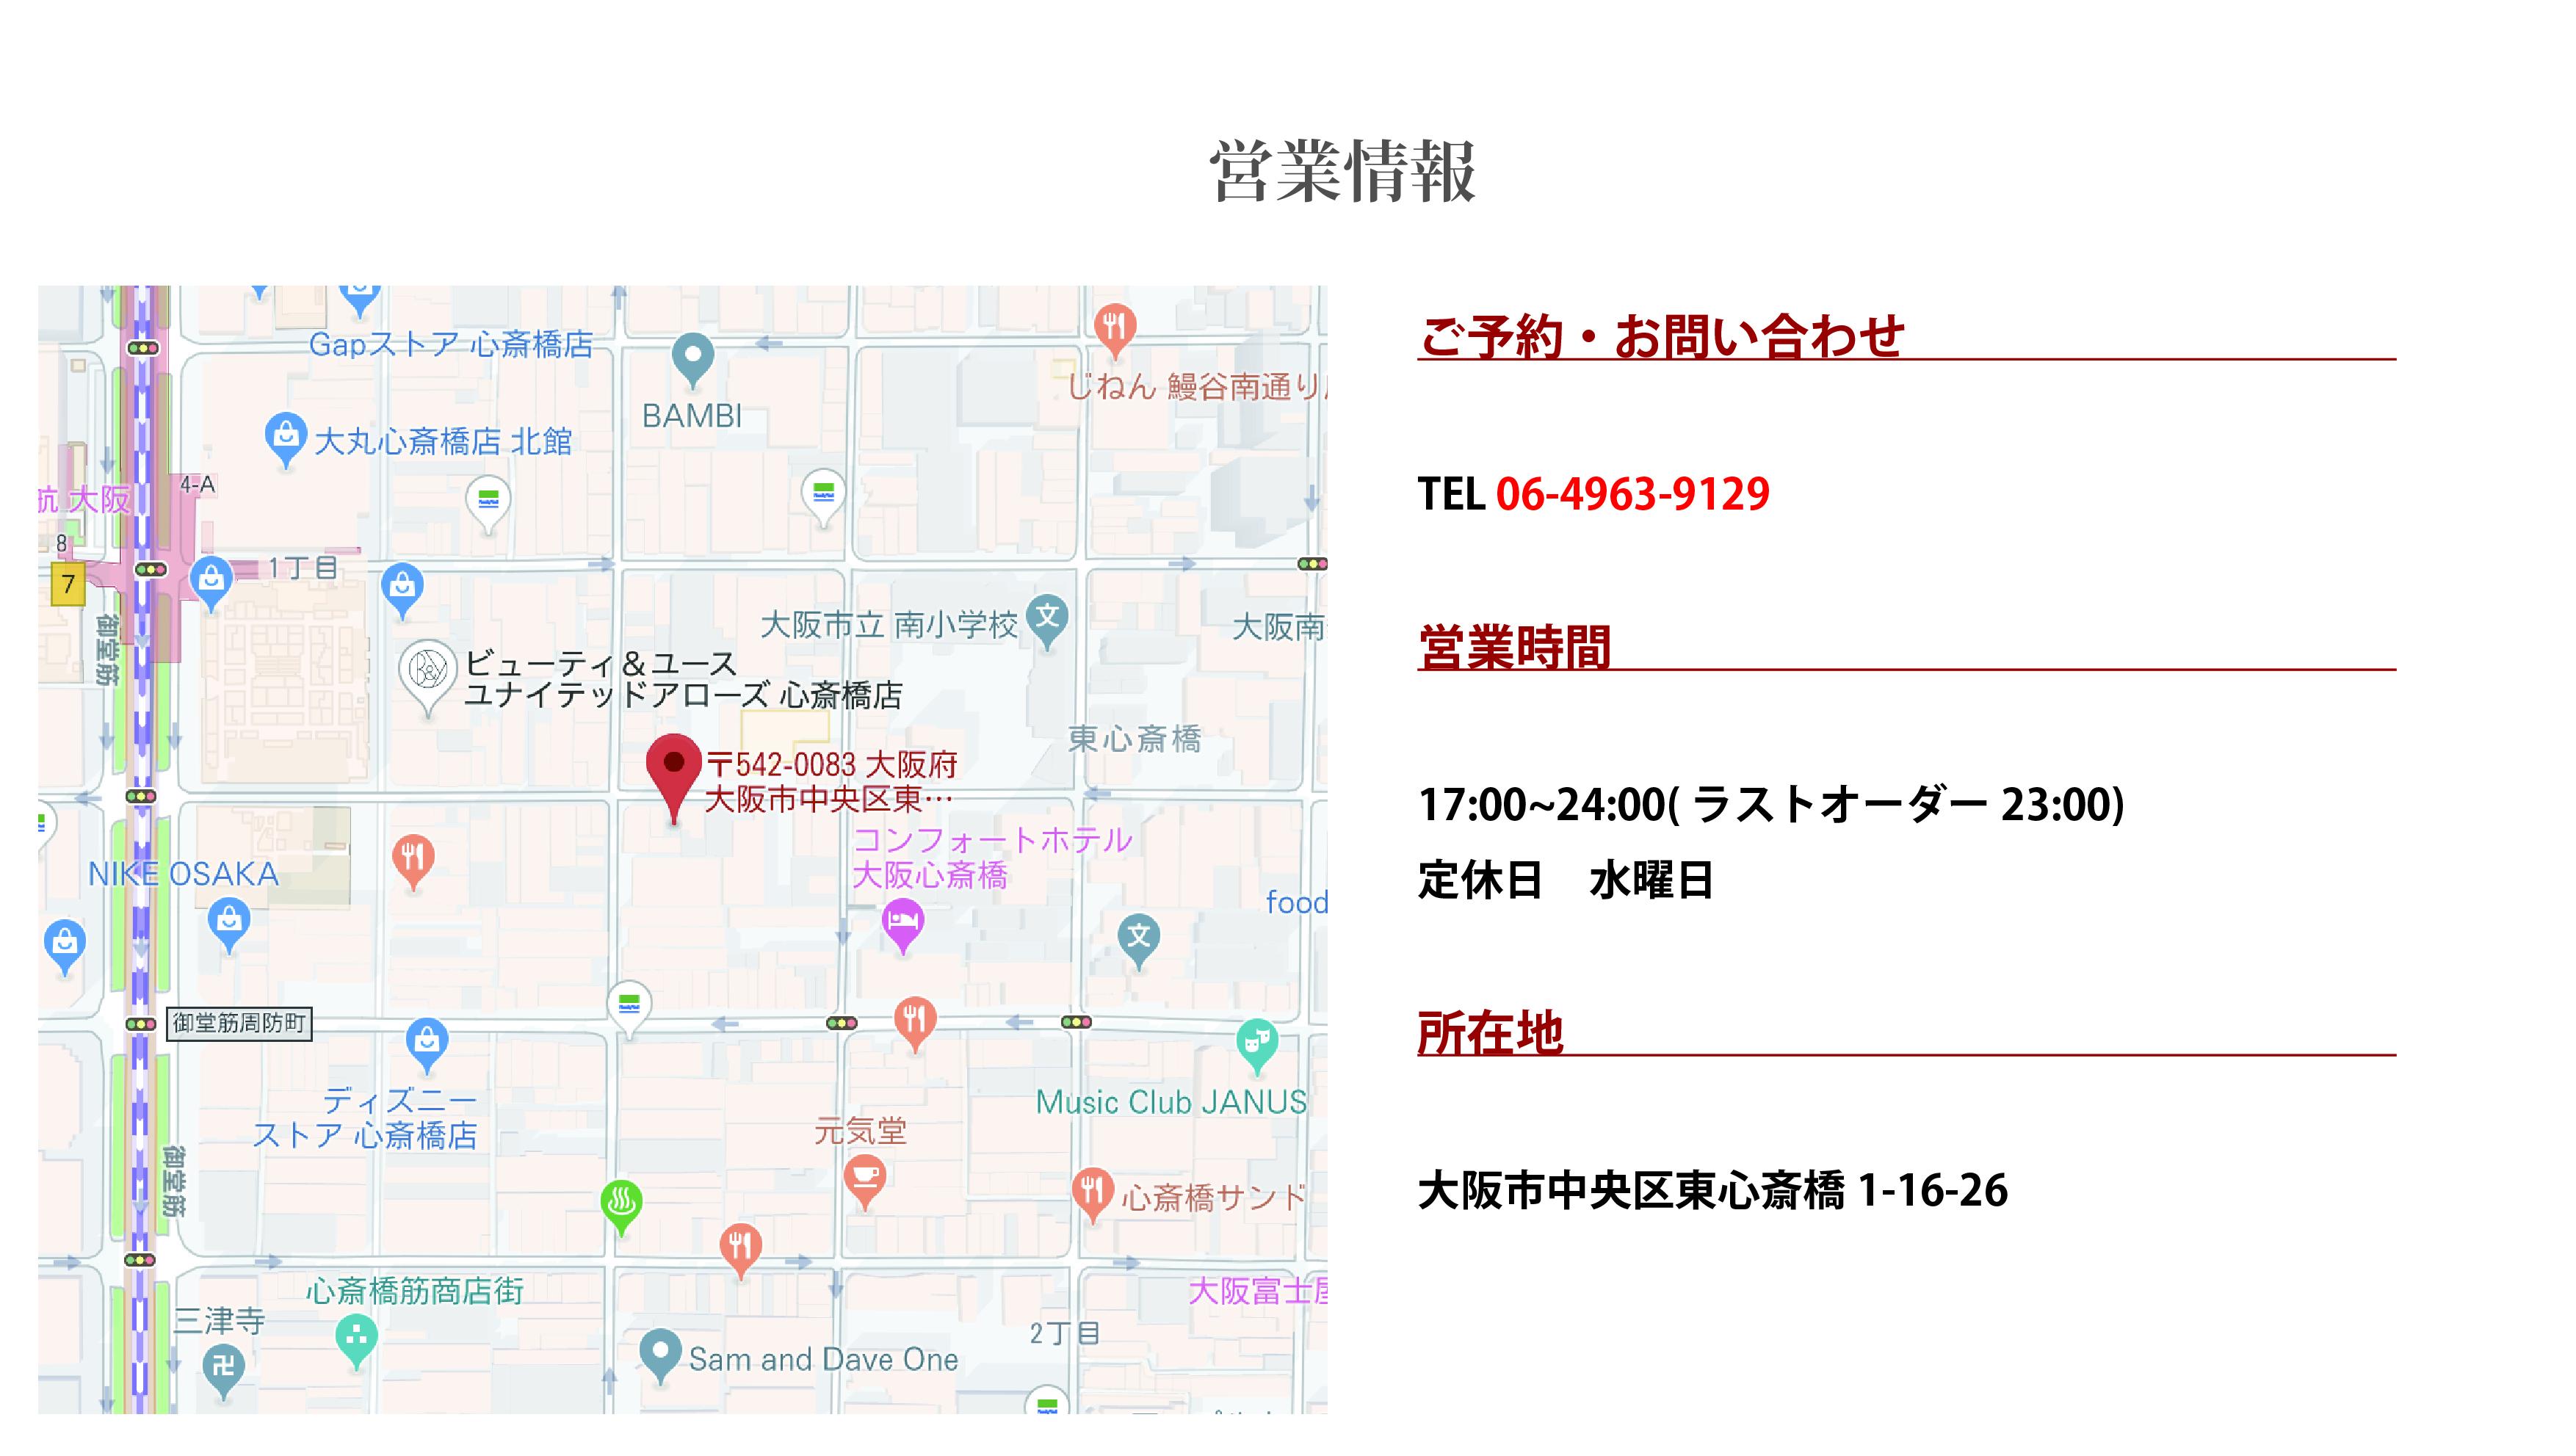 シングルショップ営業情報-03